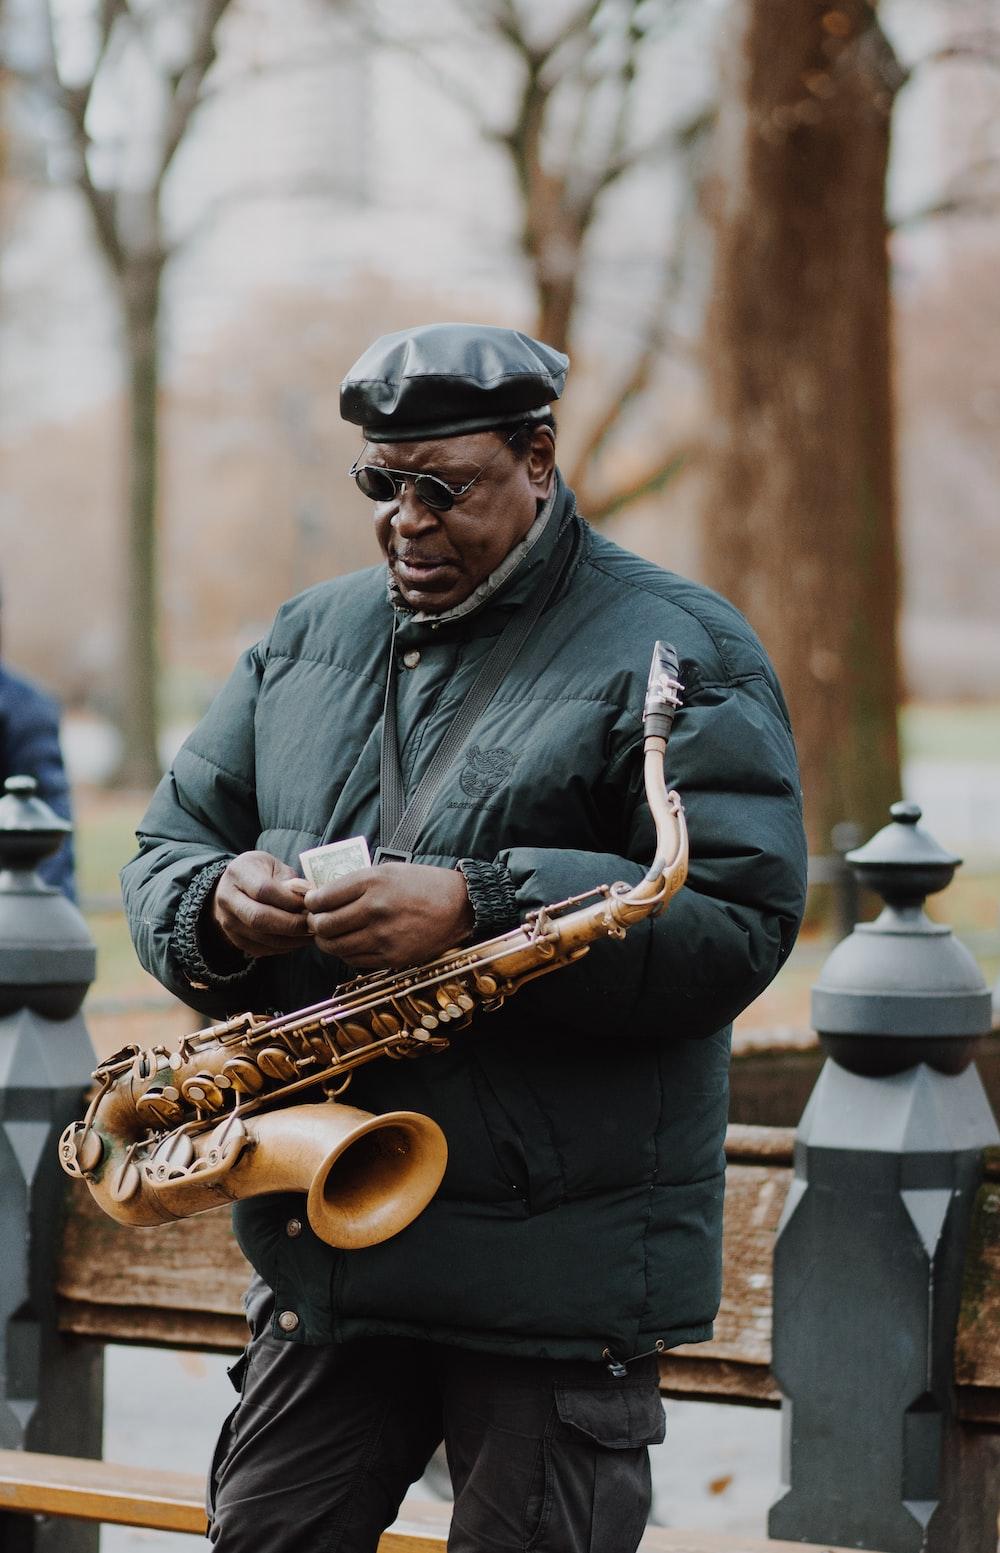 man in gray dress shirt playing saxophone